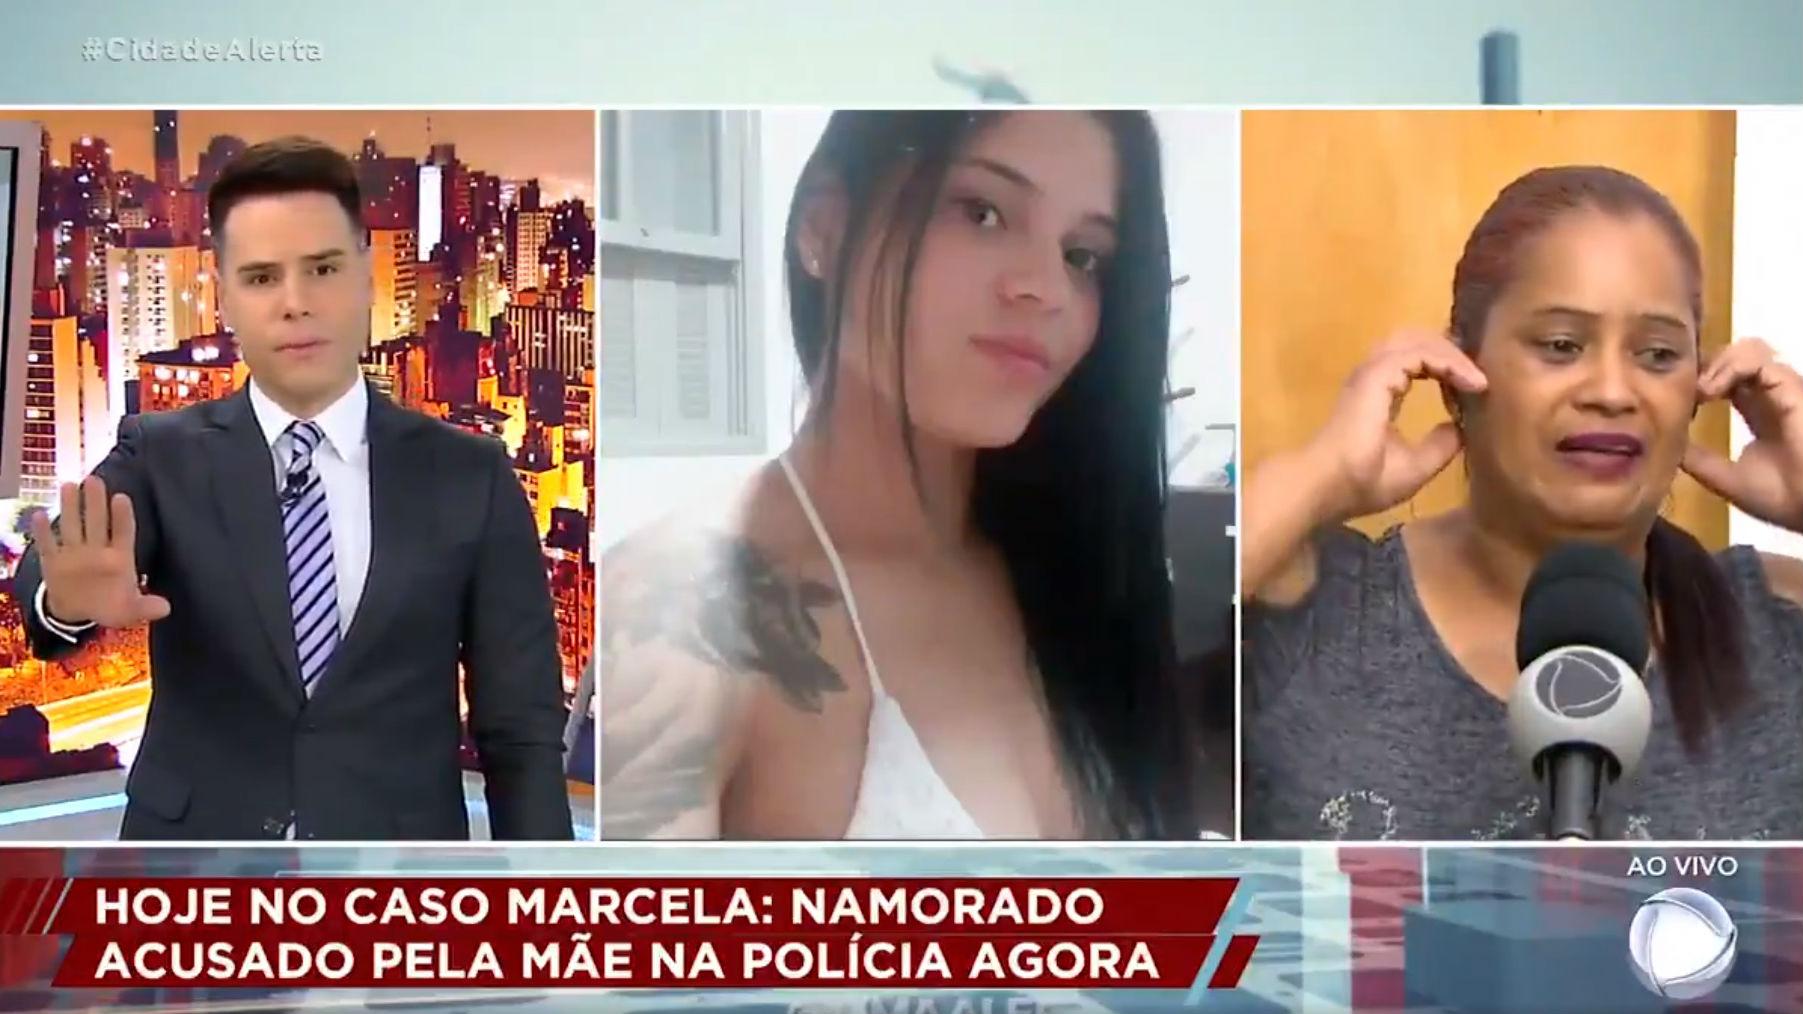 Vídeo: Mãe descobre morte da filha ao vivo em programa e choca público - Imagem 1